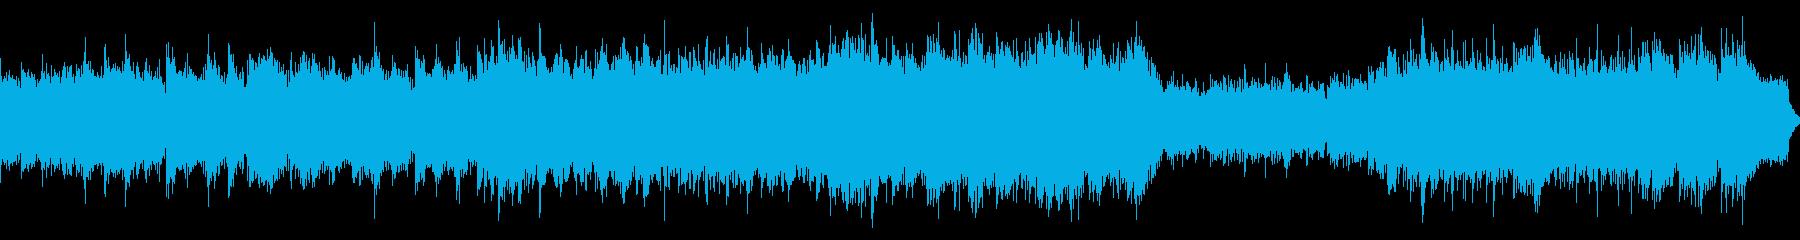 感動、壮大なケルト音楽のイメージlongの再生済みの波形